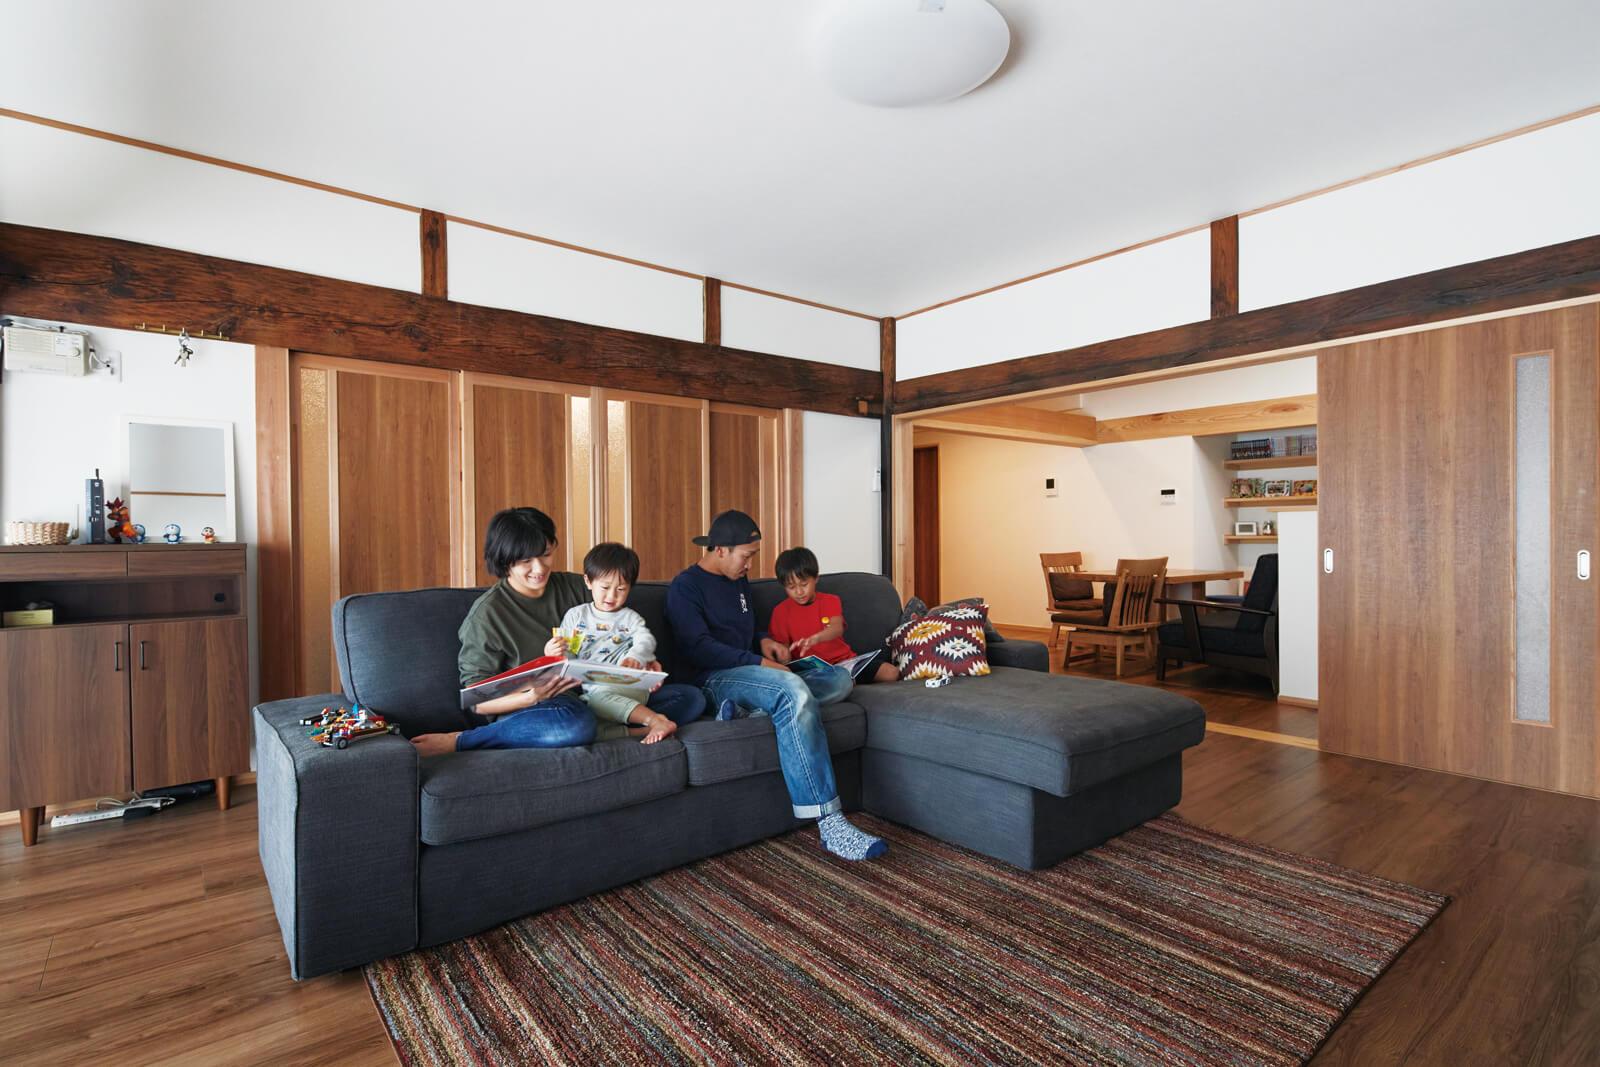 12.5帖の広いリビング・ダイニングは家族の憩いの場。左奥には和室、右奥にはキッチンがあり、それぞれ造作の建具で間仕切りしている